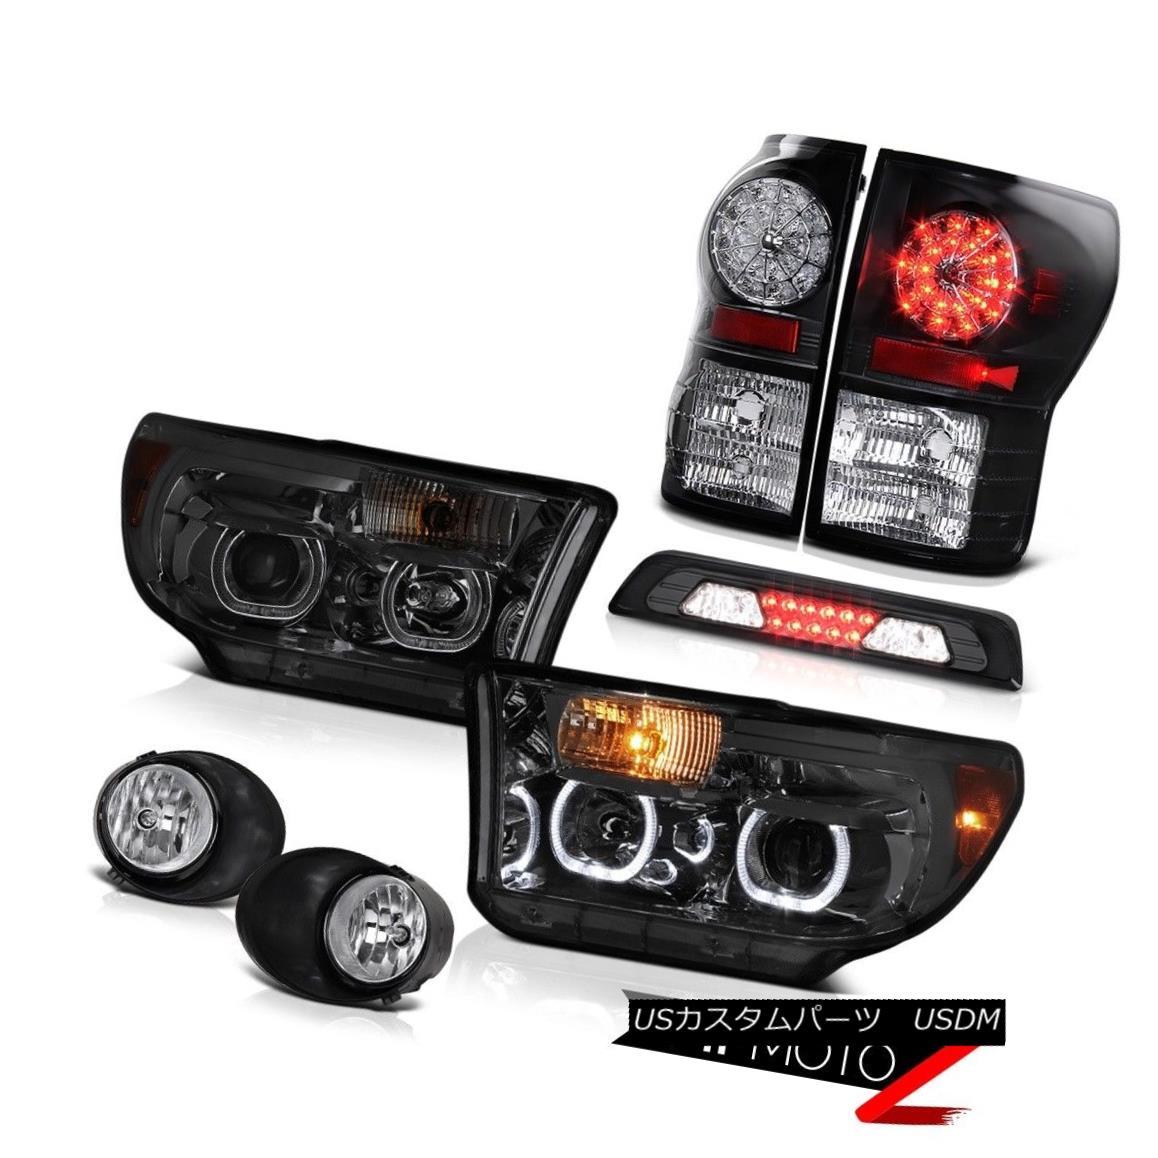 ヘッドライト 2007-2013 Toyota Tundra SR5 Headlights Fog Lamps Roof Cab Light Tail Halo Rim 2007-2013トヨタトンドラSR5ヘッドライトフォグランプルーフキャブライトテールハローリム